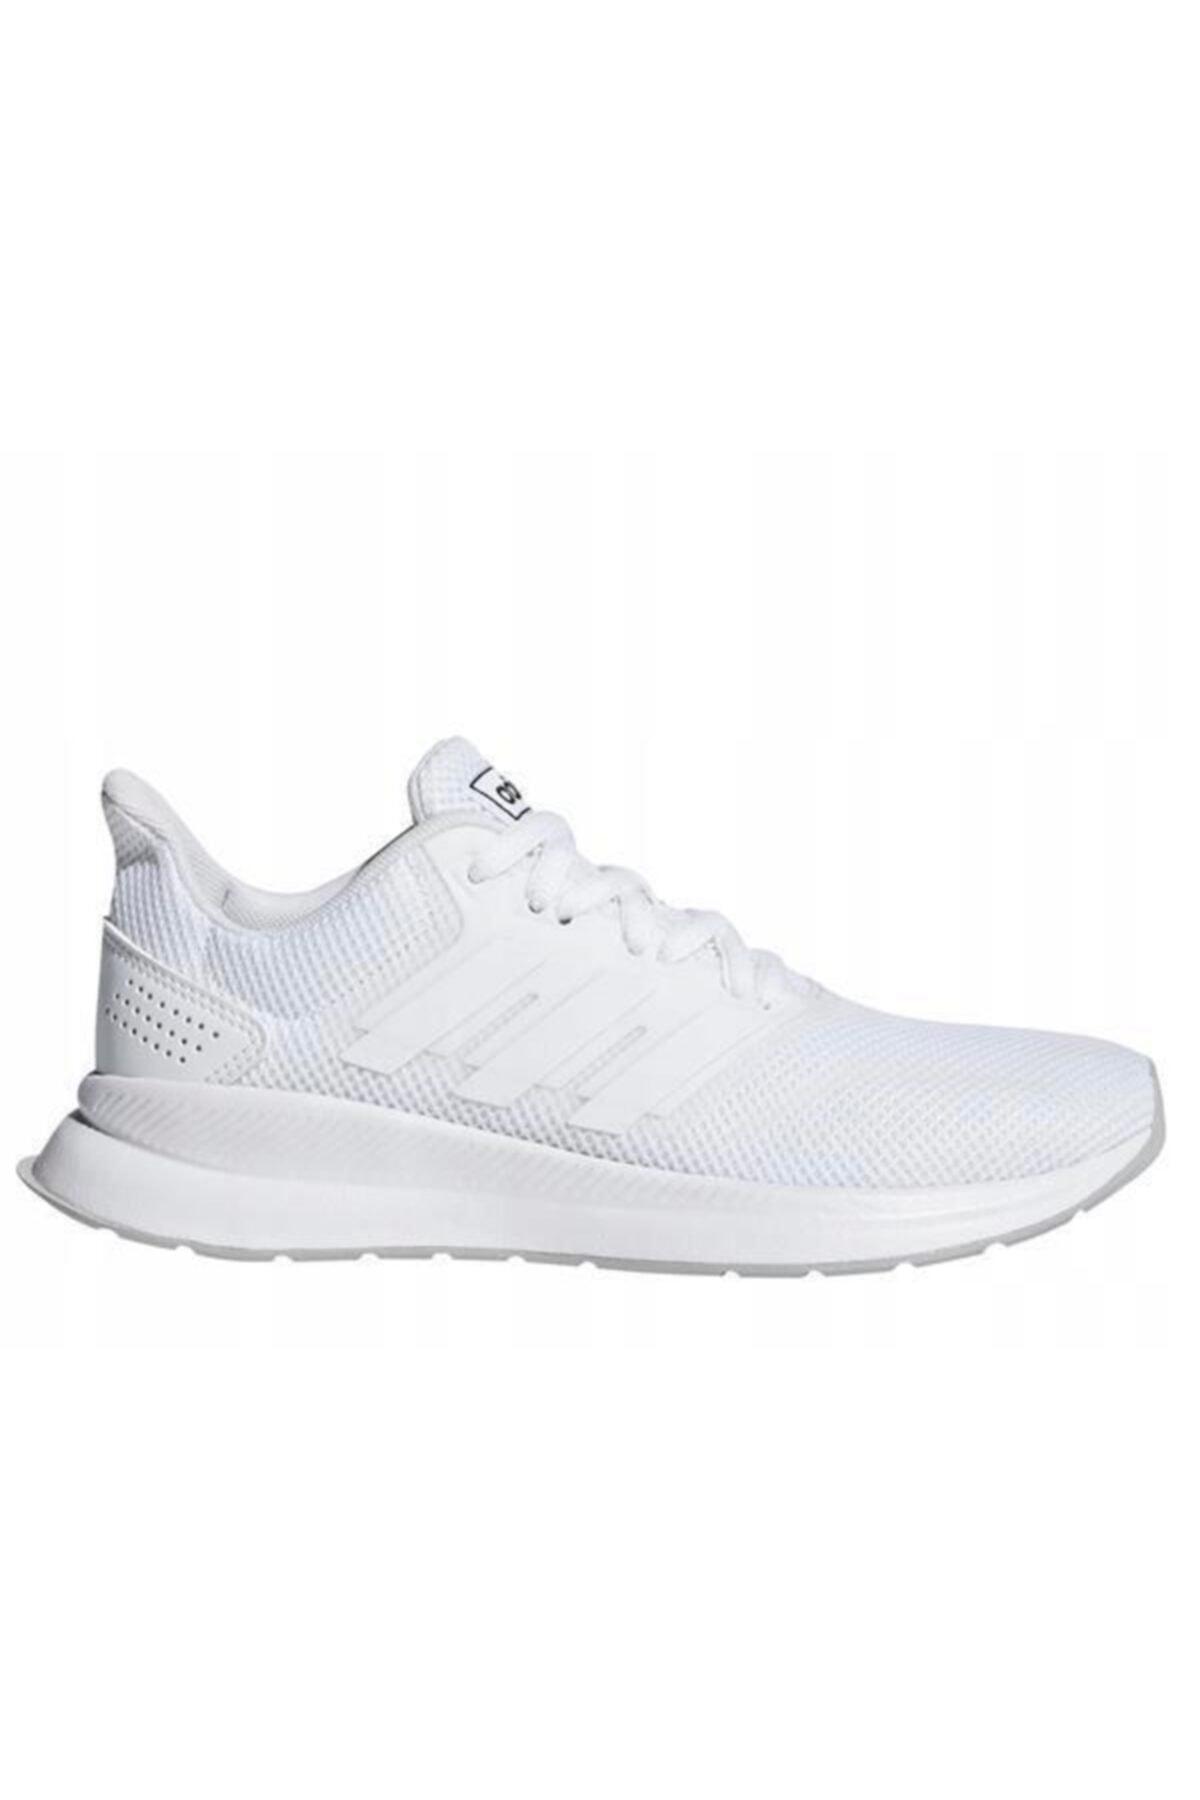 adidas Runfalcon Beyaz Koşu Ayakkabısı F36548 1